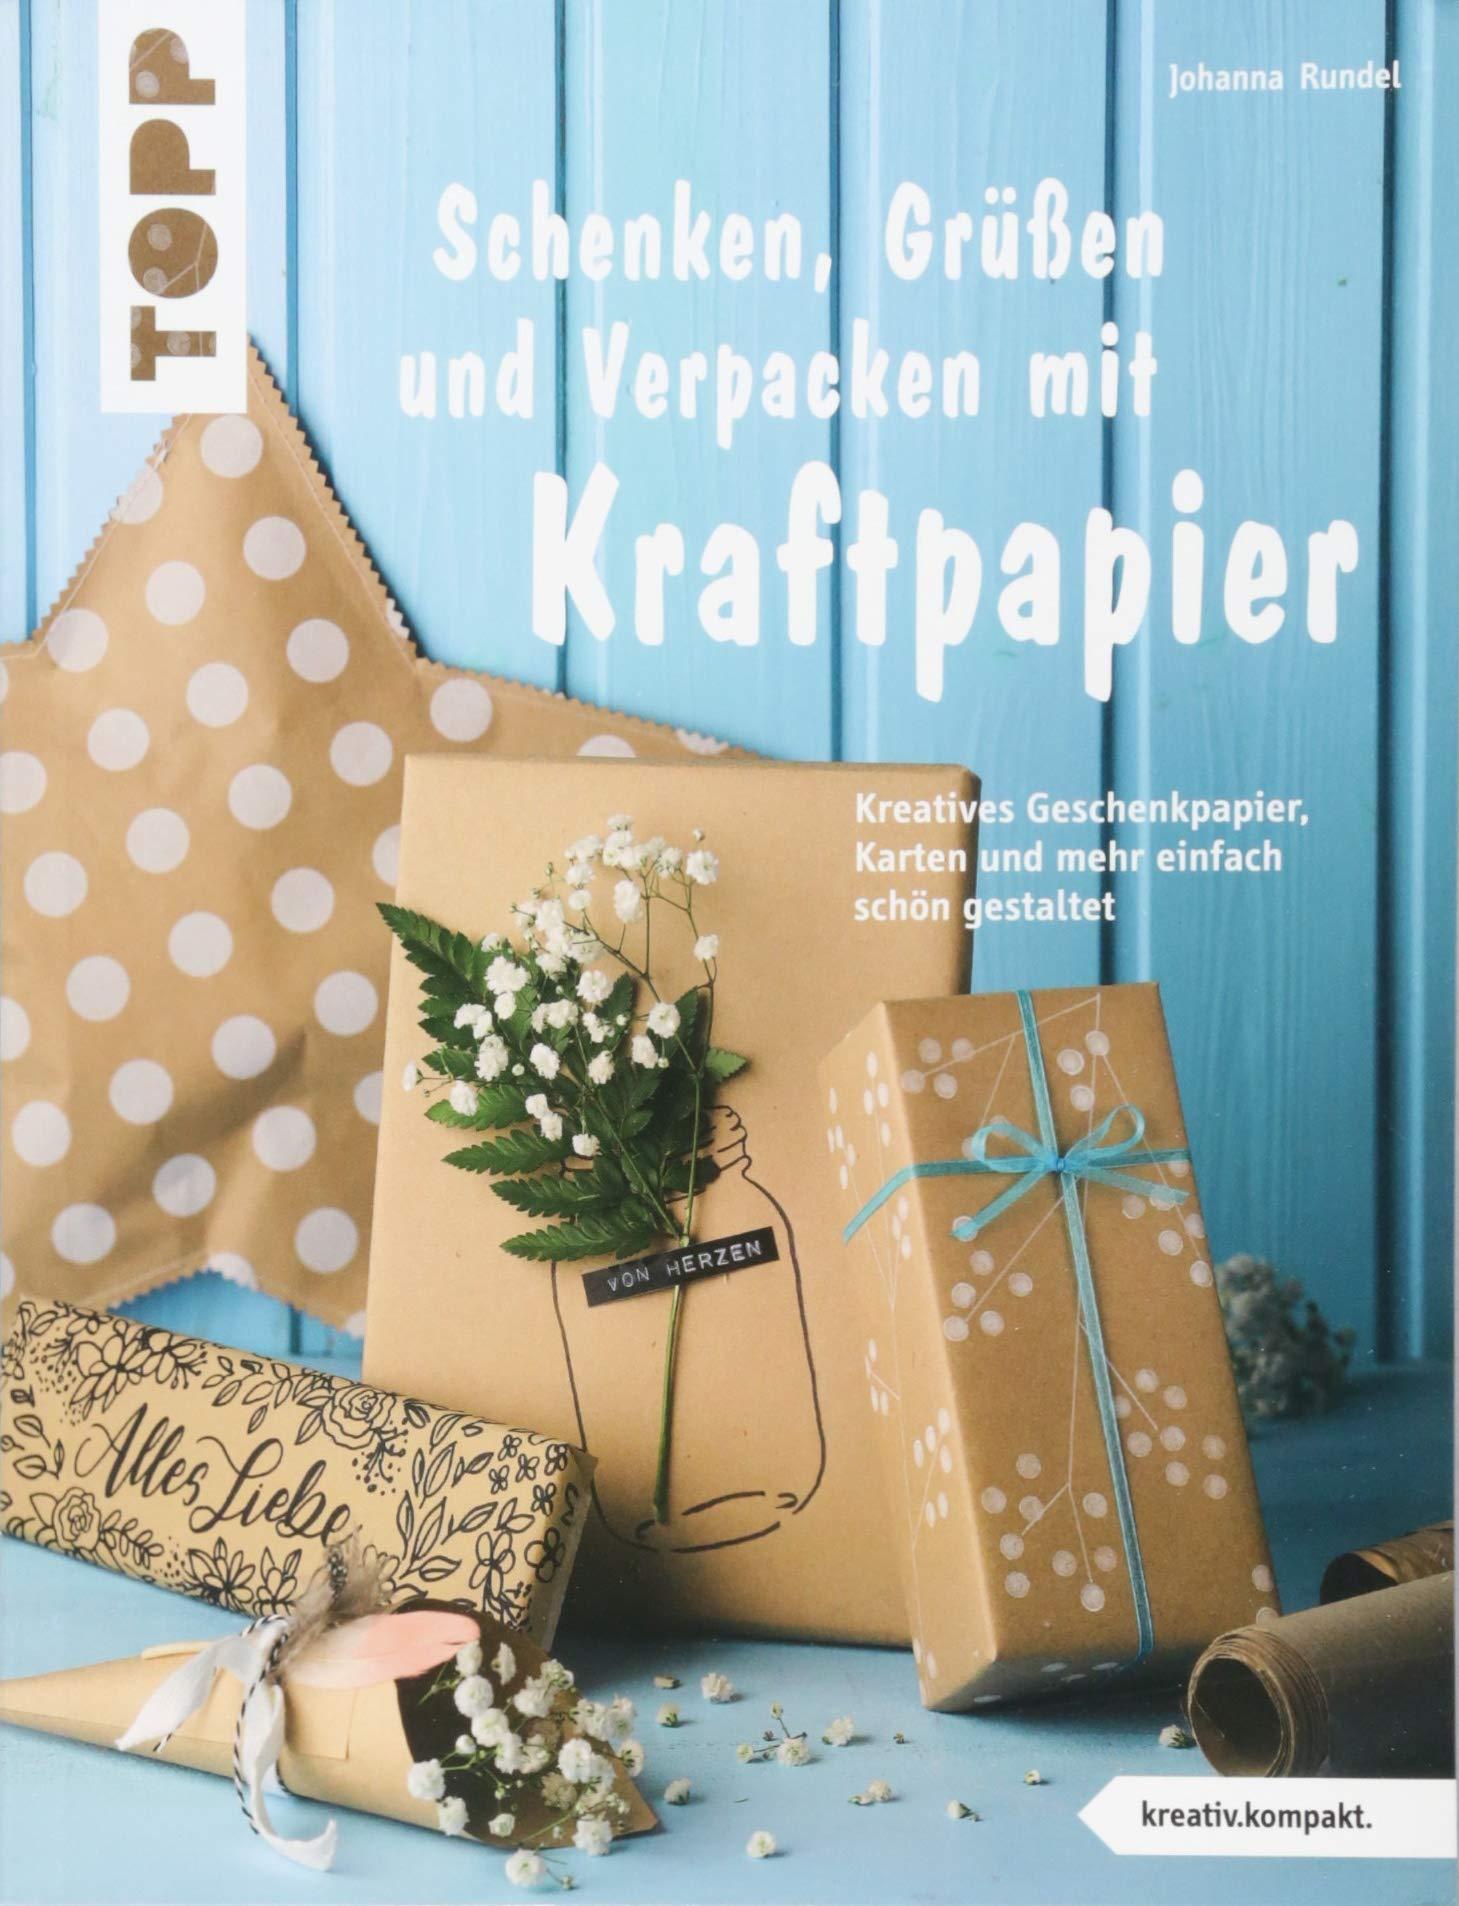 Schenken Grussen Und Verpacken Mit Kraftpapier Kreativ